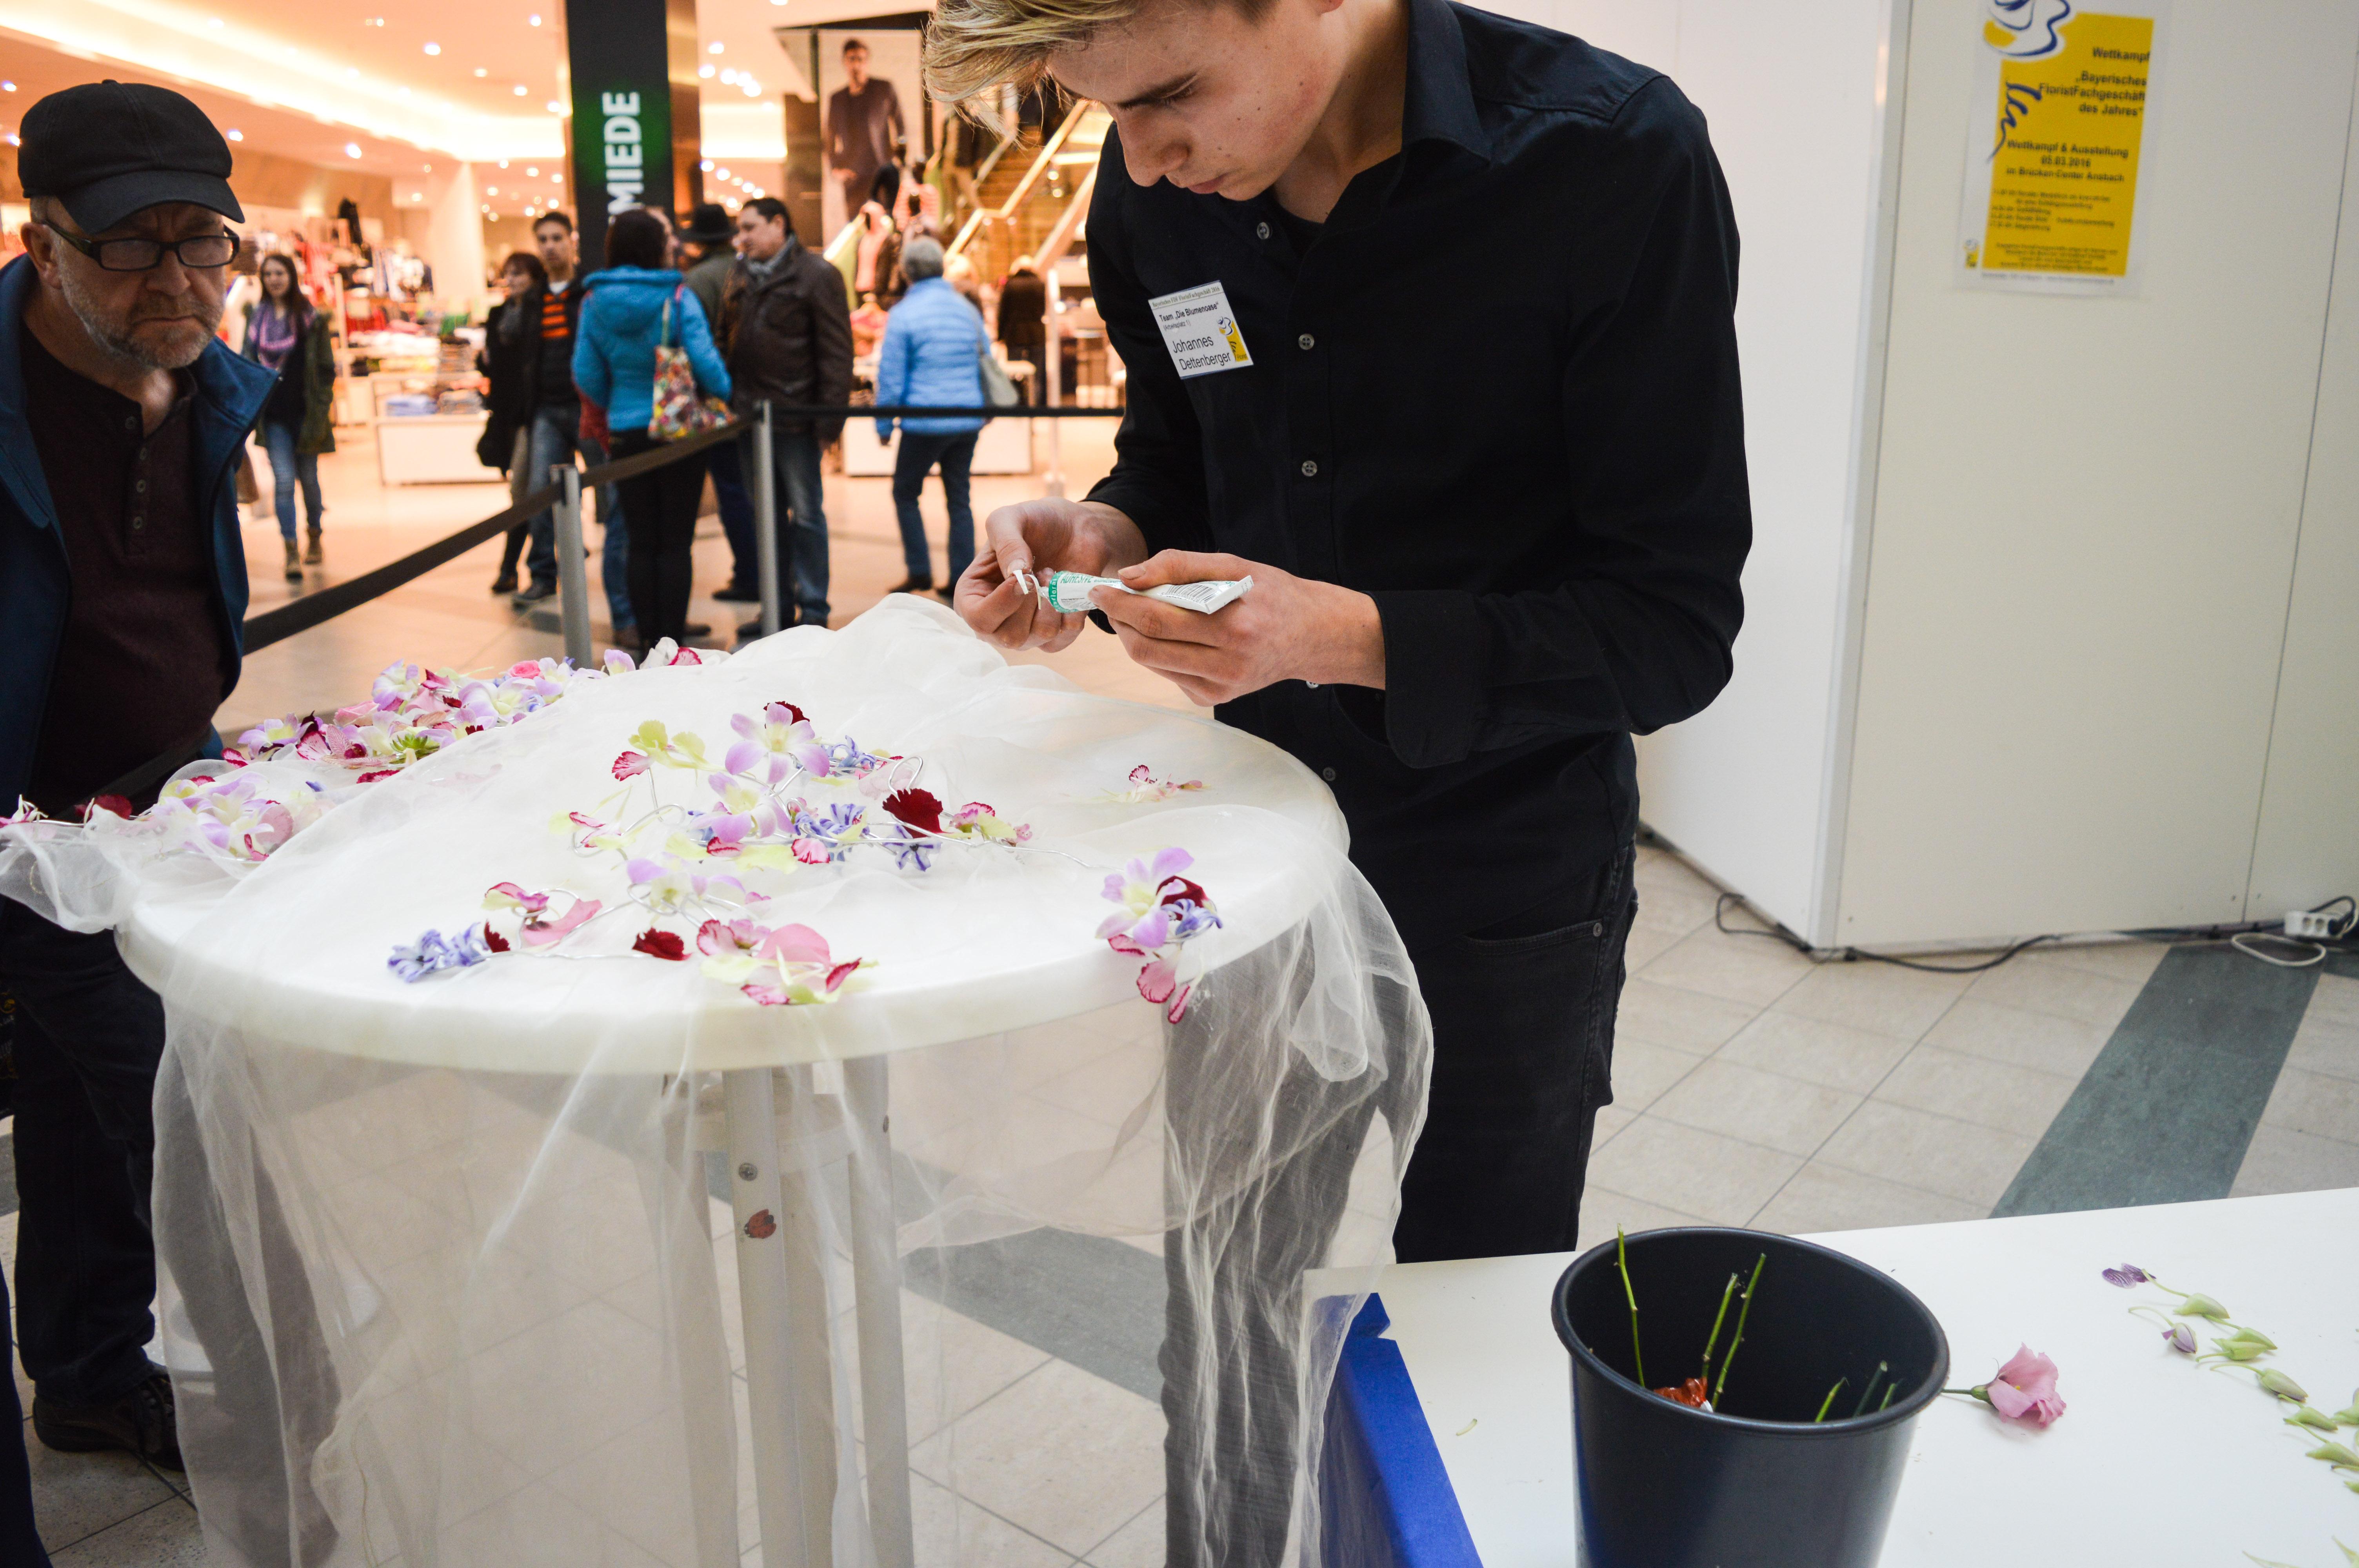 Florist_Geschäft_des_Jahres16-45